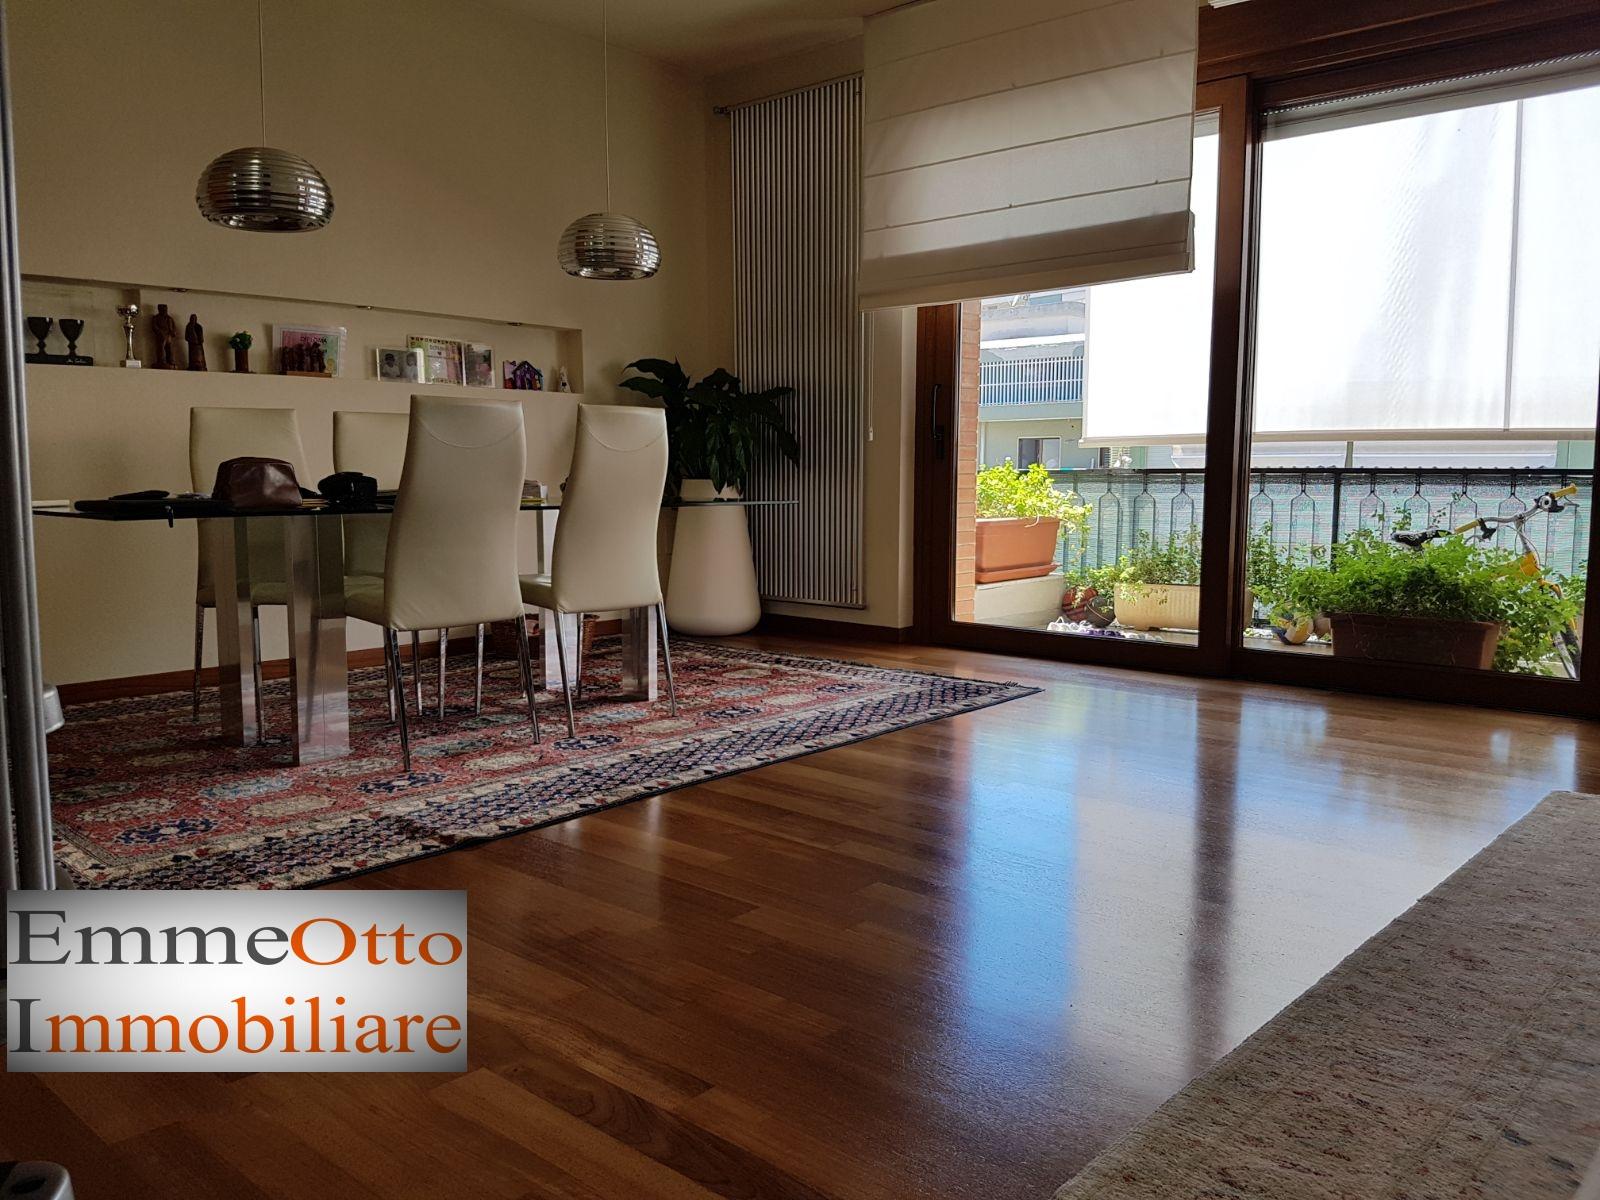 Appartamento in affitto a Cagliari, 4 locali, zona Località: QuartieredelSole, prezzo € 1.500 | CambioCasa.it